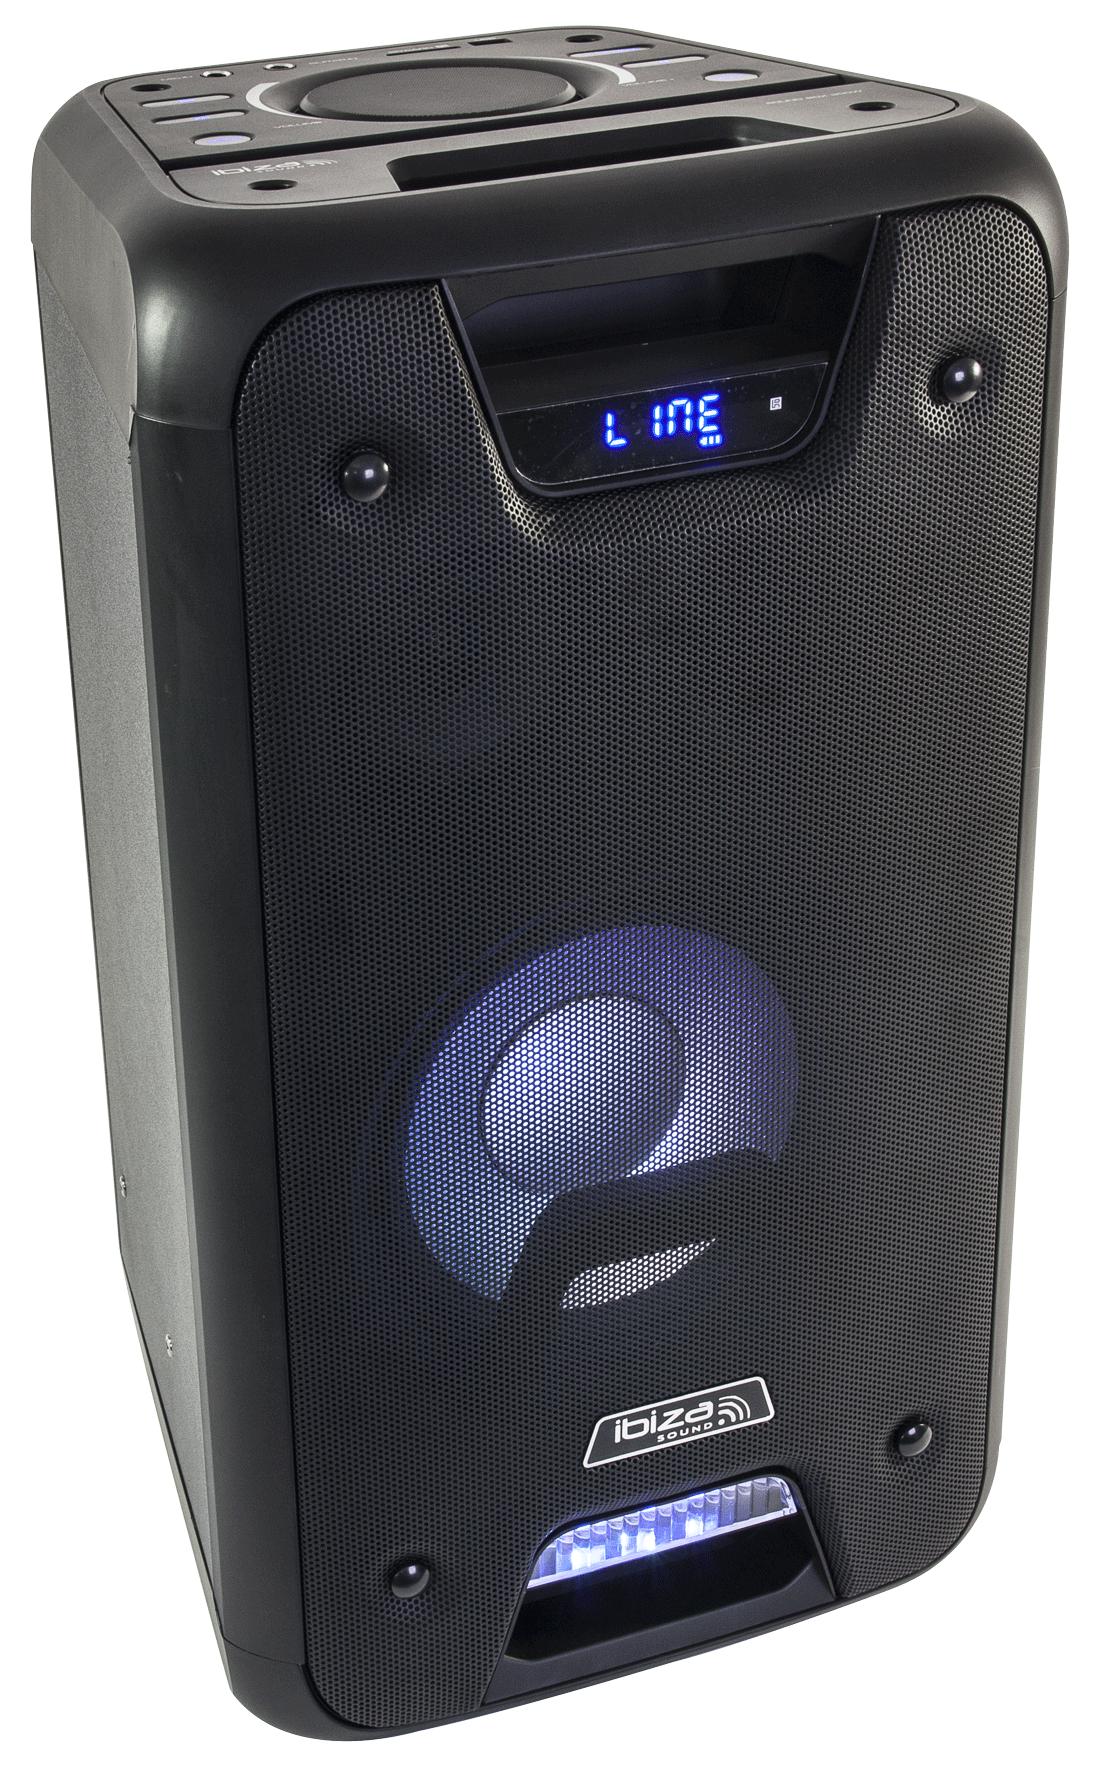 Billede af Ibiza stand-alone transportabel lydsystem, 300W